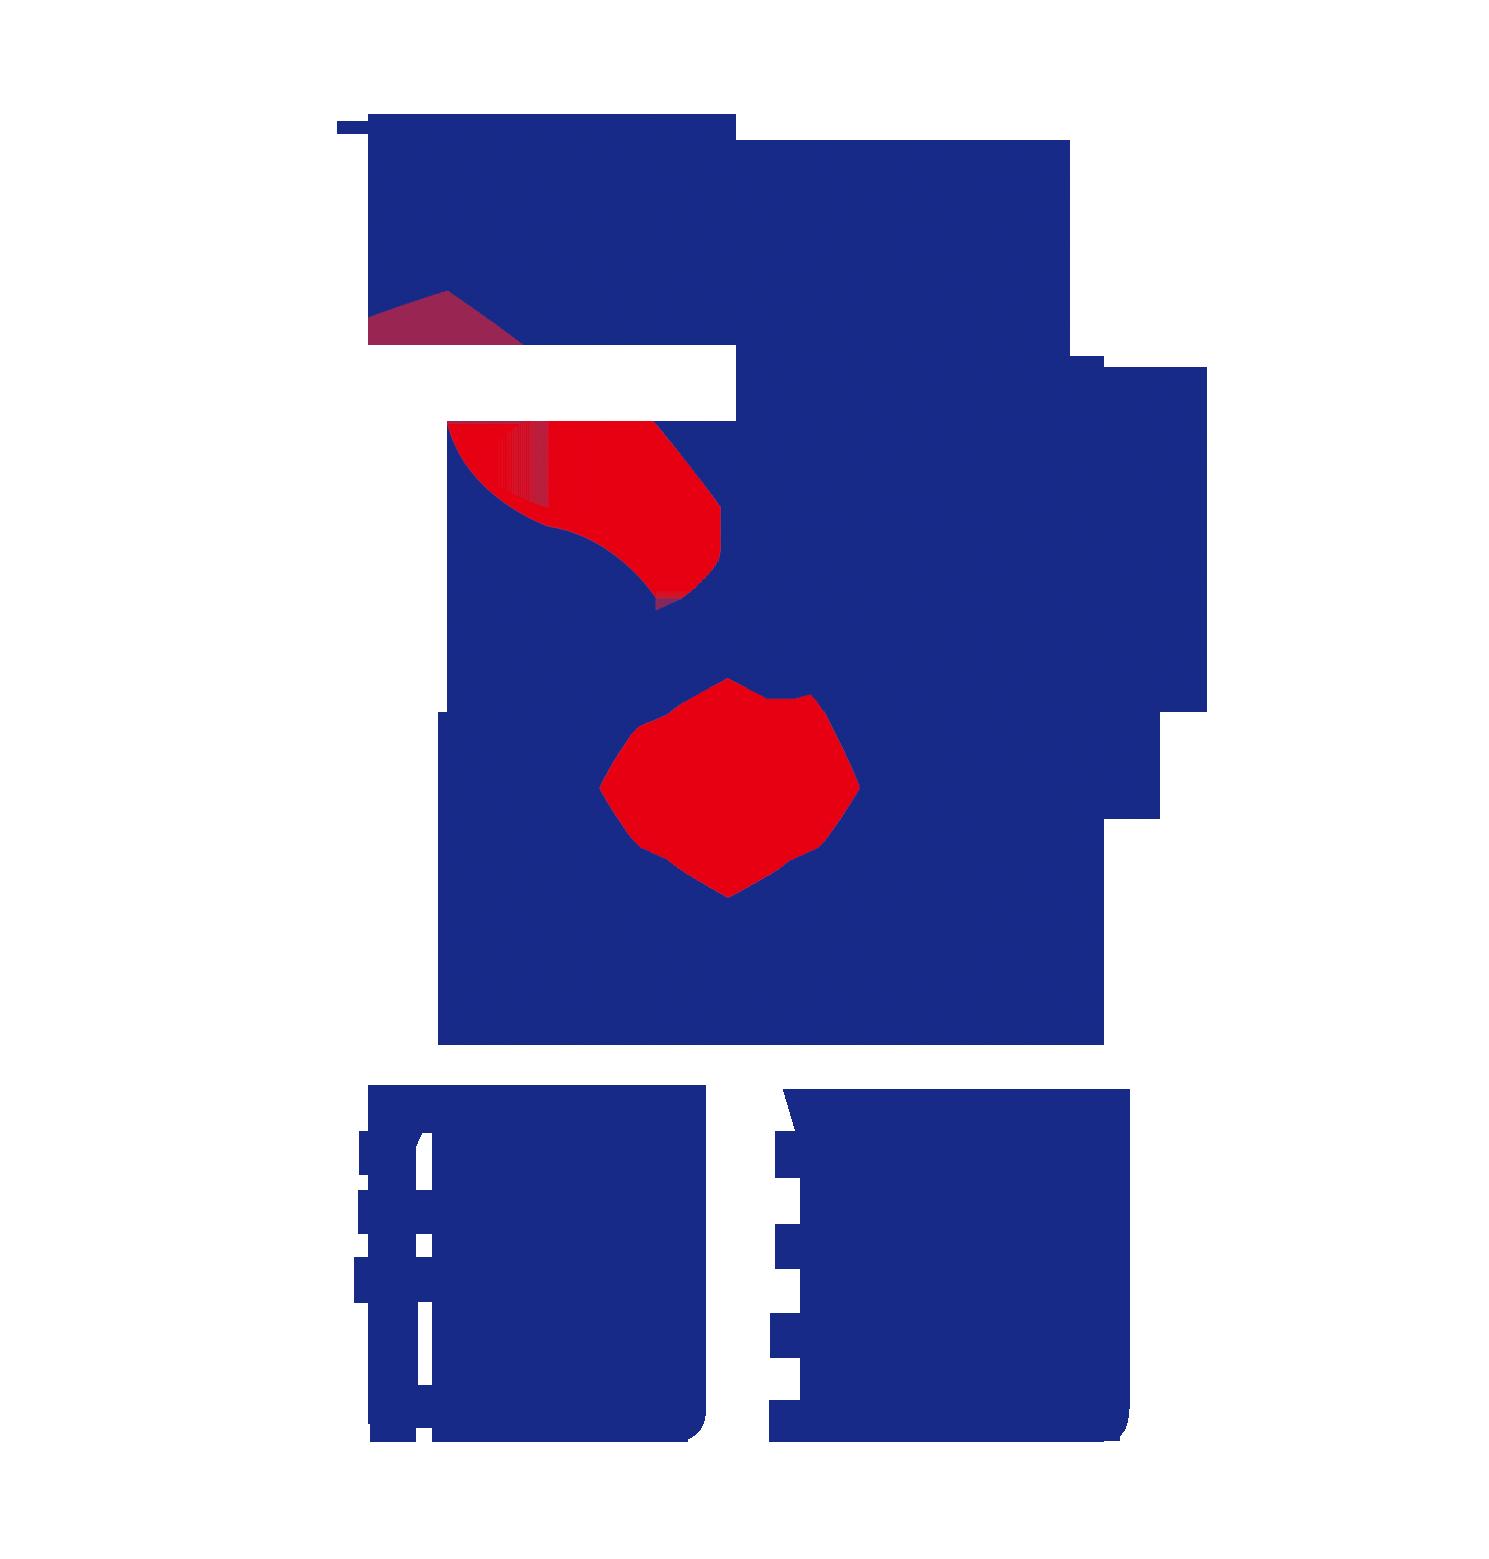 广州消防水泵控制柜-深圳翎翔设备 获消防产品强制认证资质